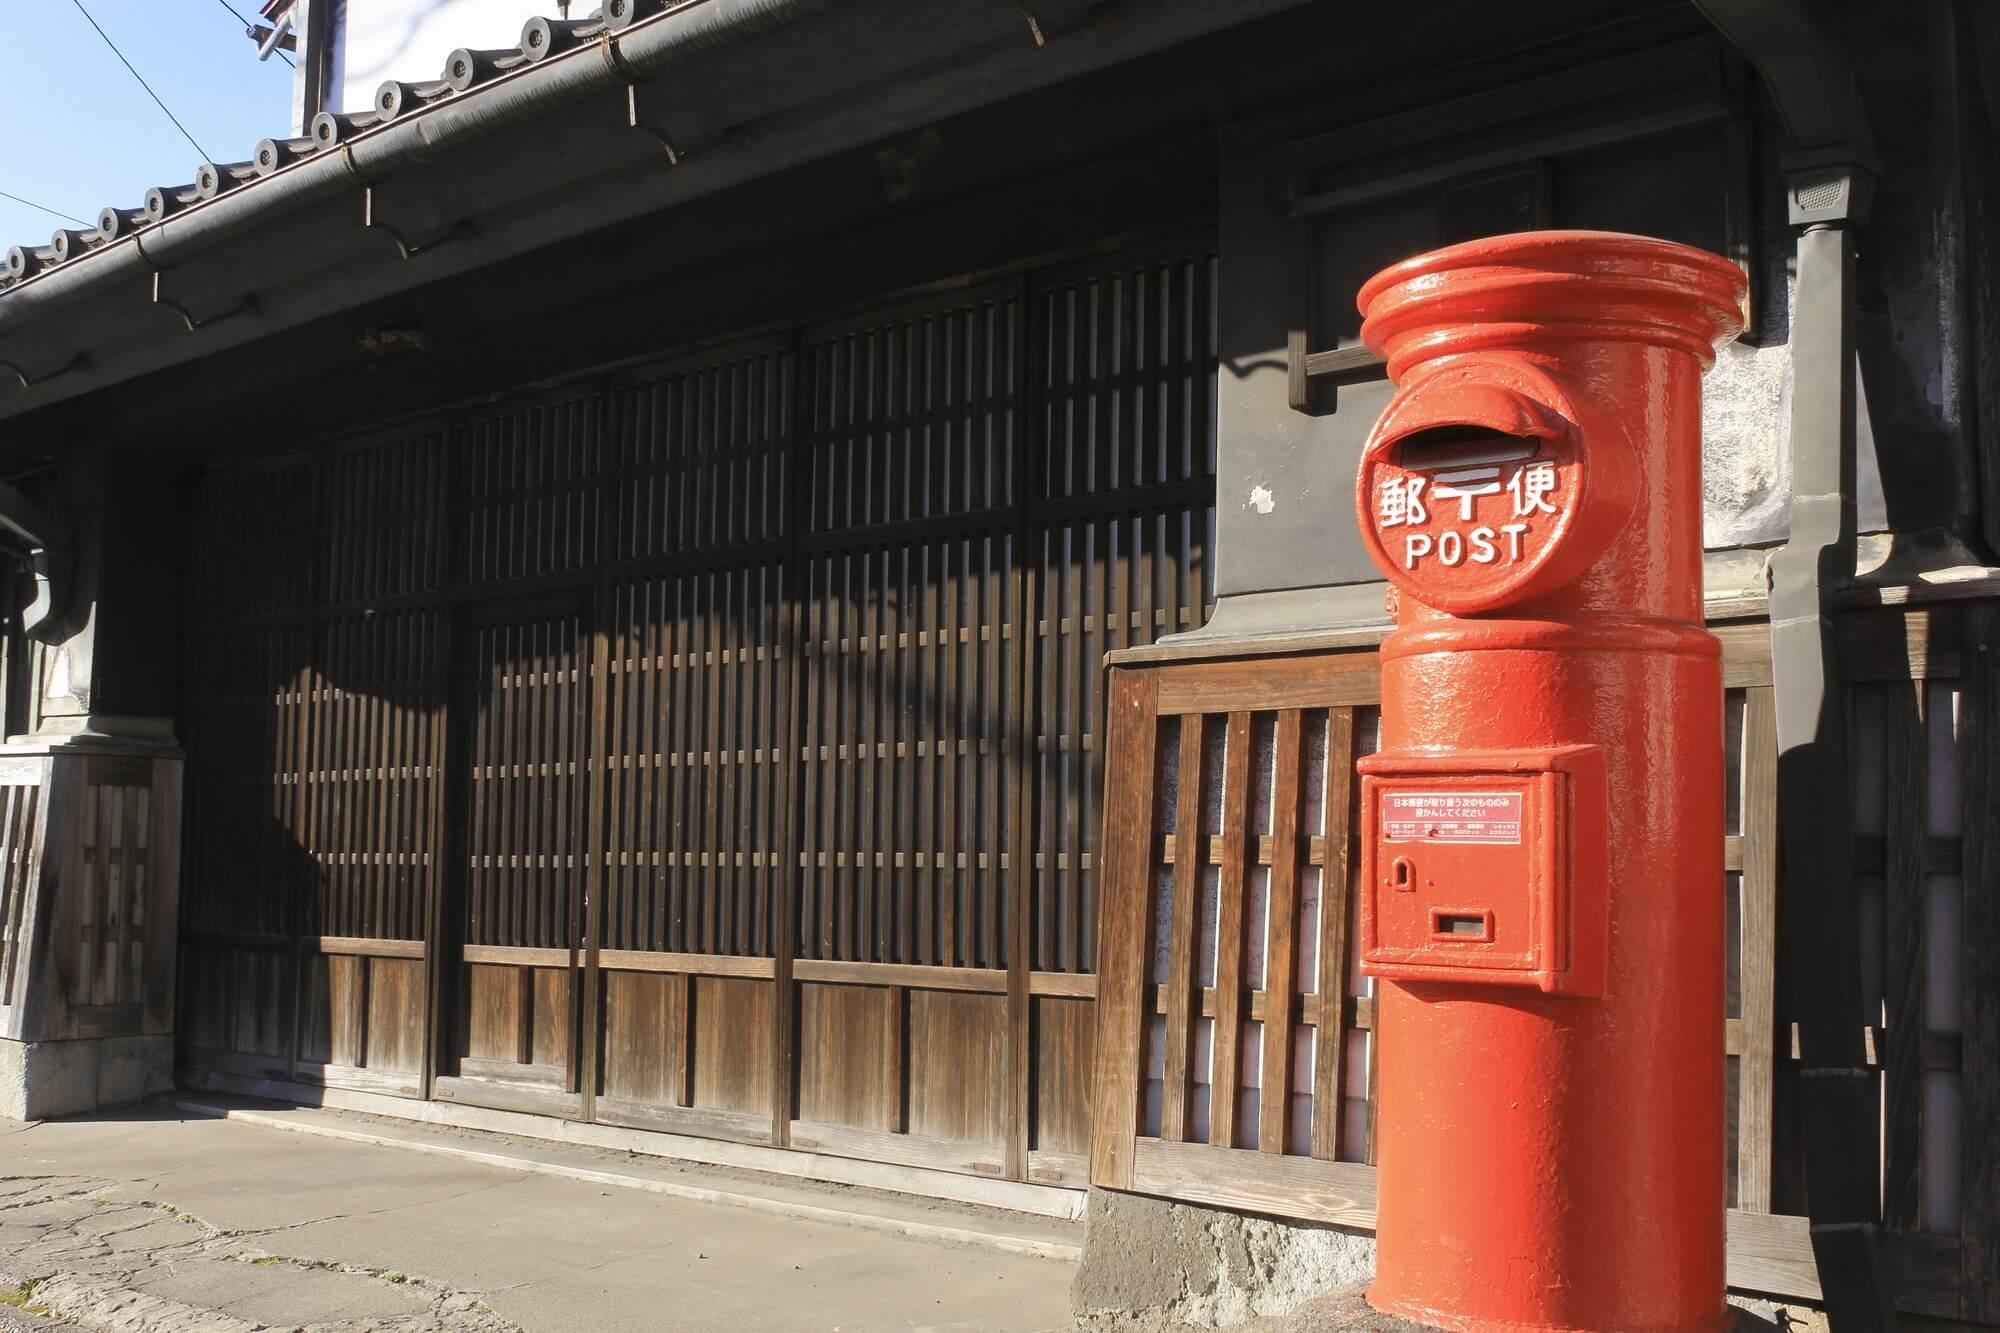 郵便番号導入50周年を受けて郵便の歴史を紐解いてみた